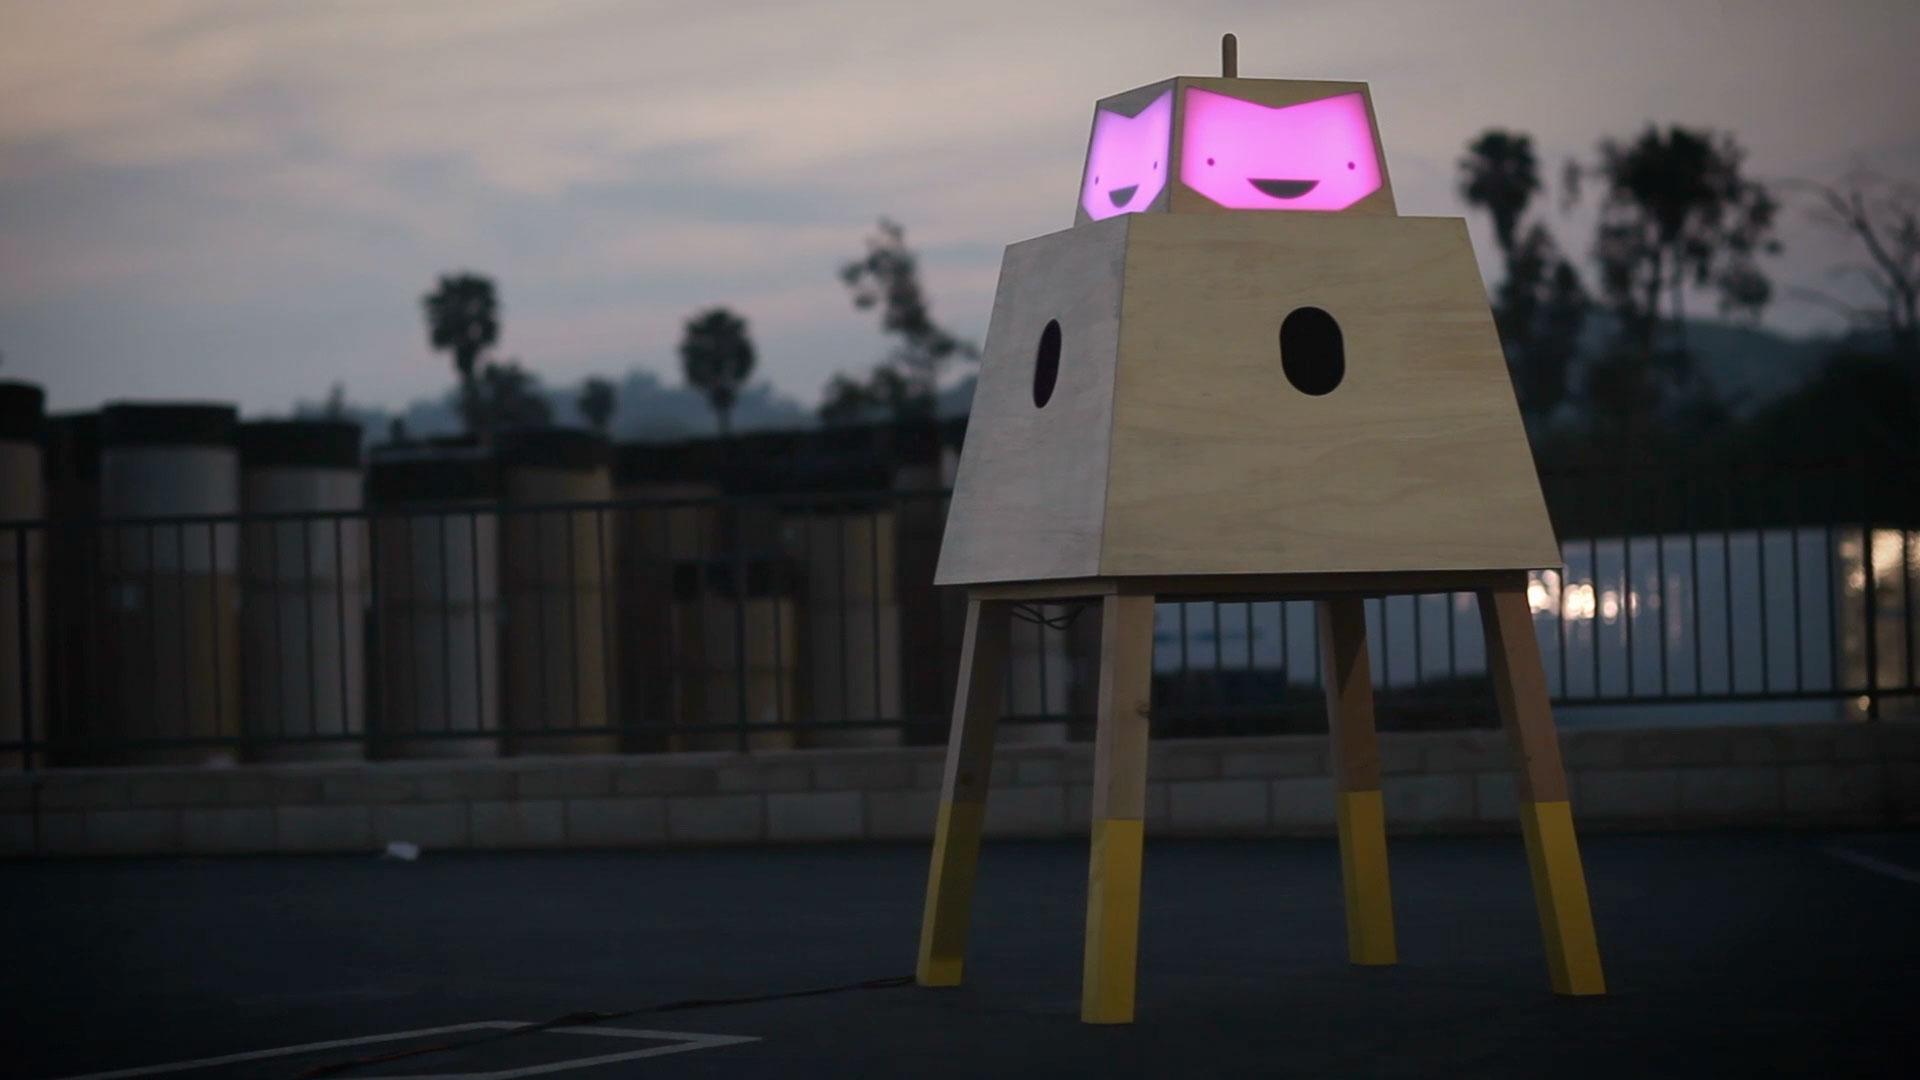 Smilebot_00